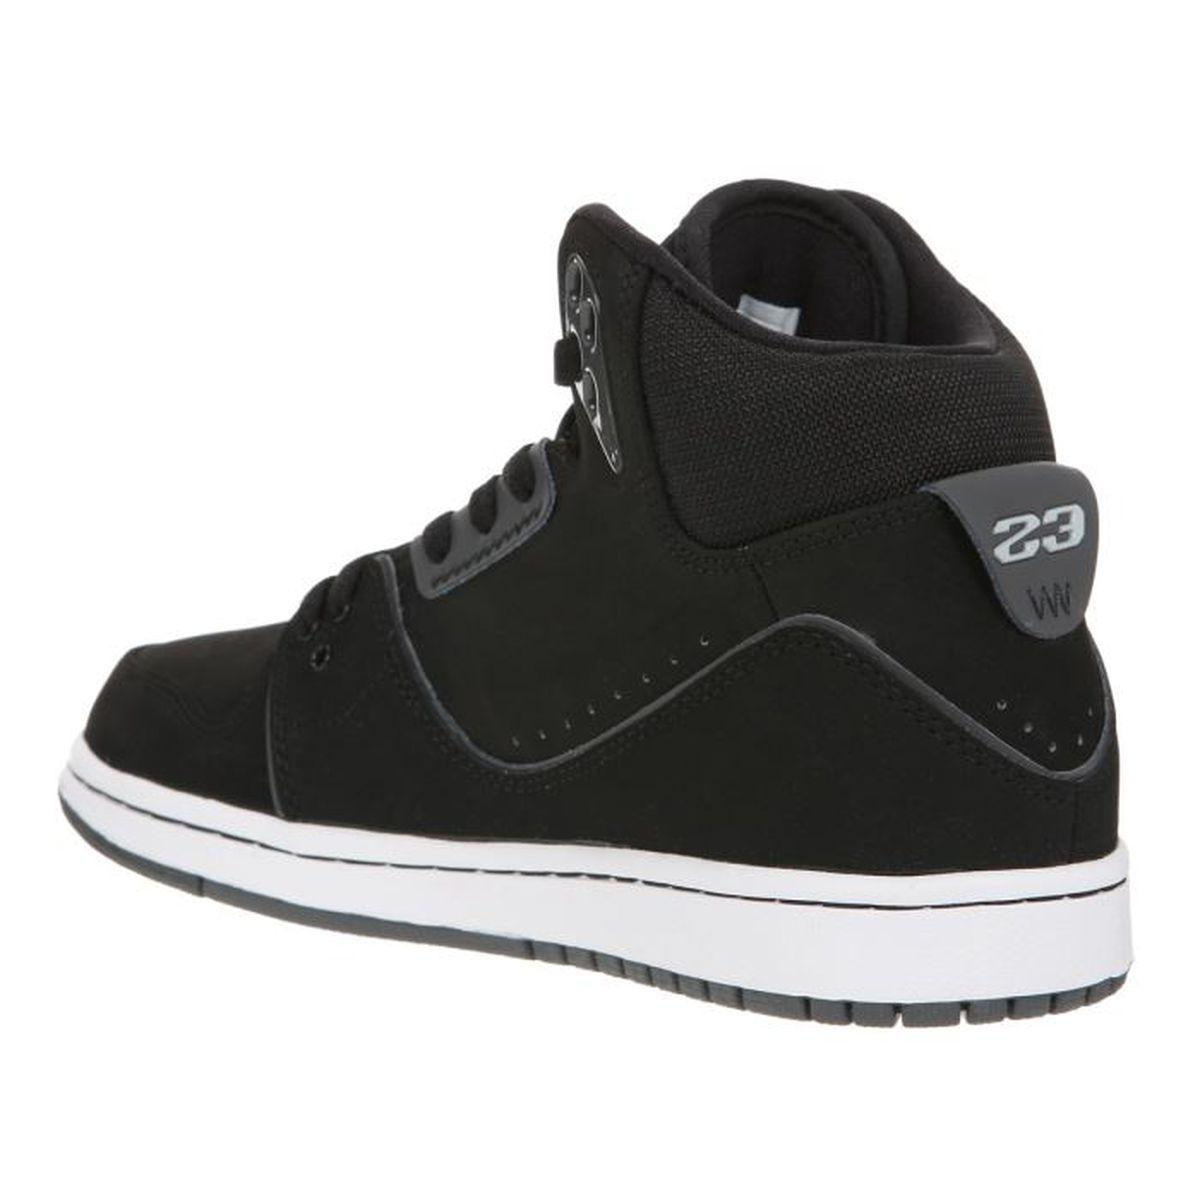 sélection premium e9bae ca017 Baskets Noir Jordan 1 Flight Achat Nike Homme 2 dxthQsrC